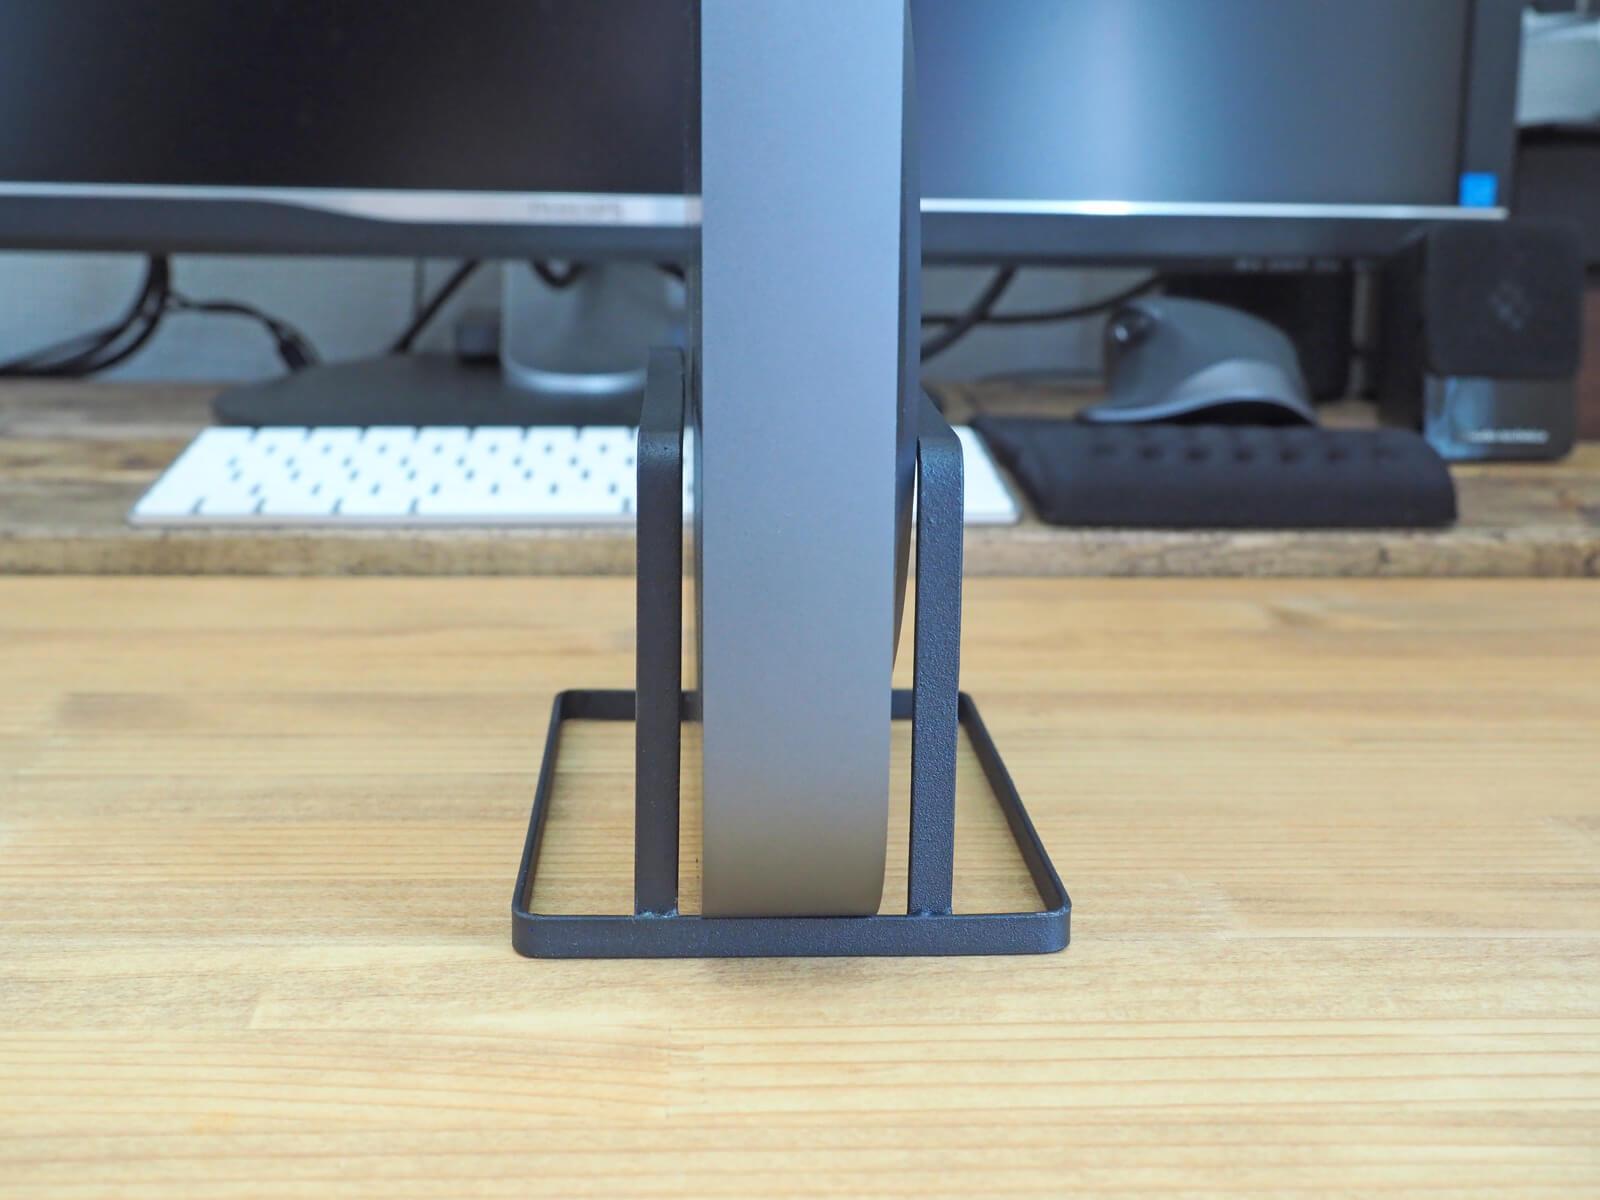 まな板スタンドにMac miniを置いて横からみた図